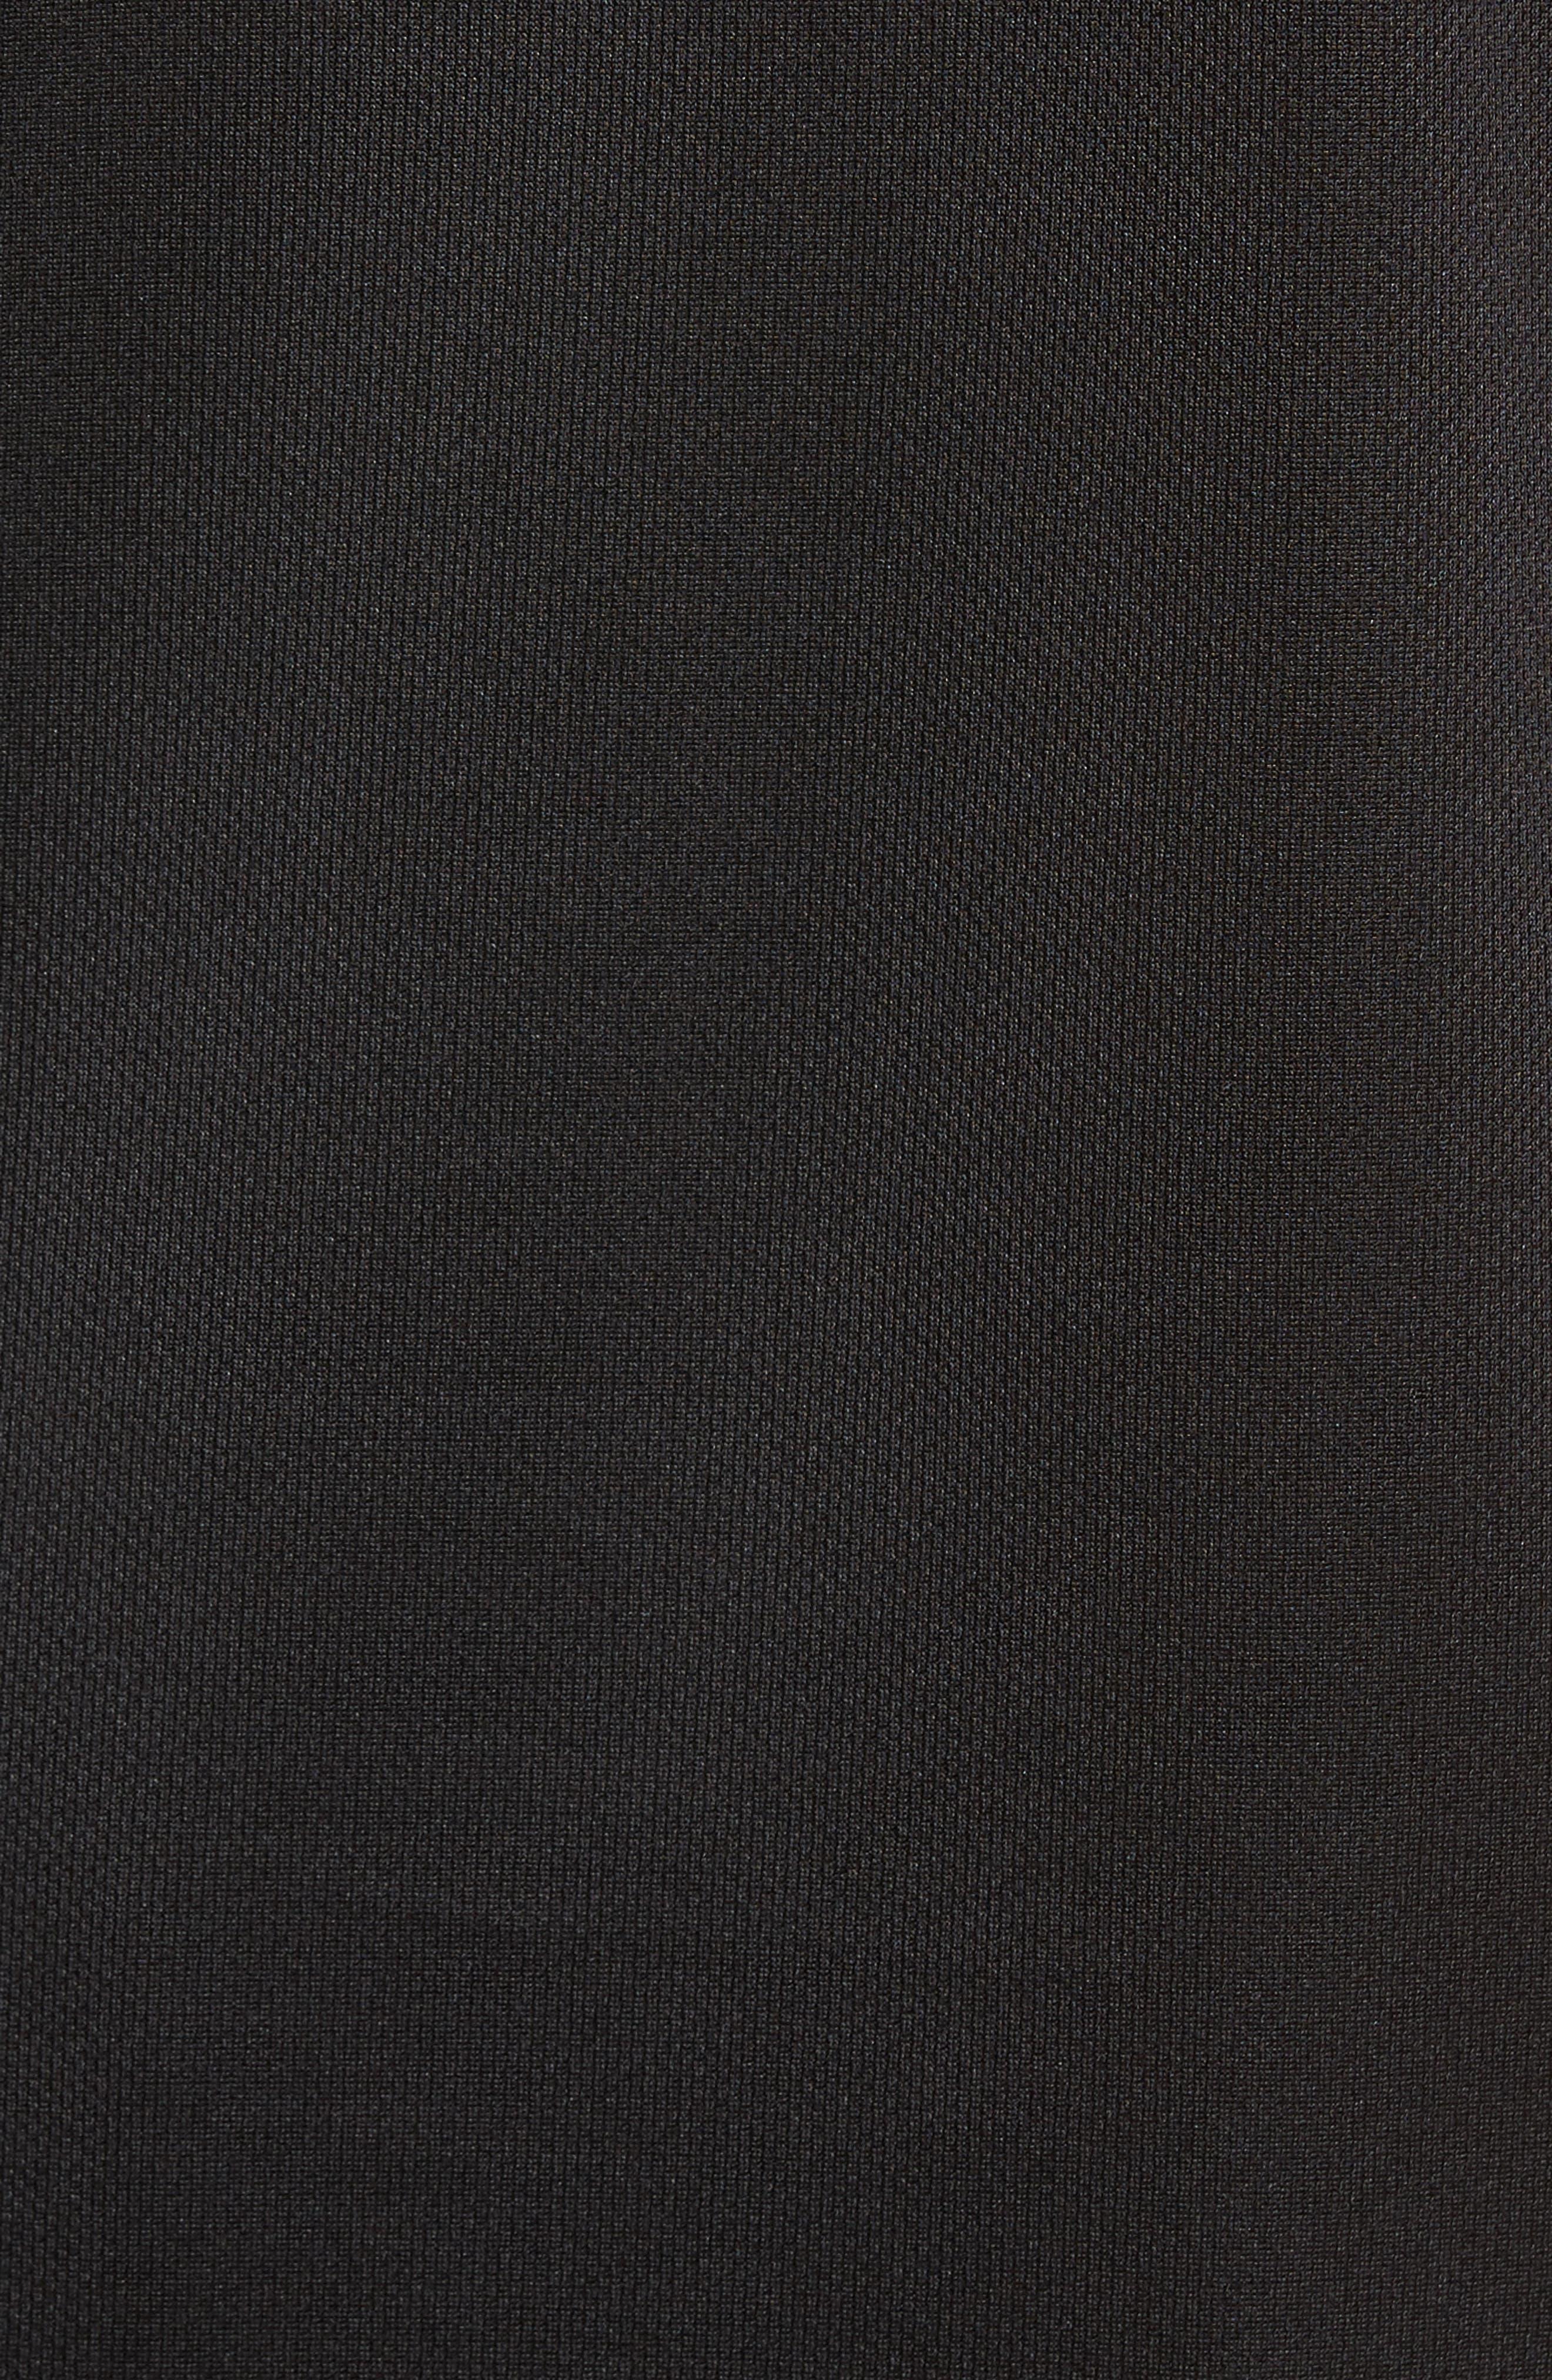 Work Out Crewneck T-Shirt,                             Alternate thumbnail 5, color,                             Black